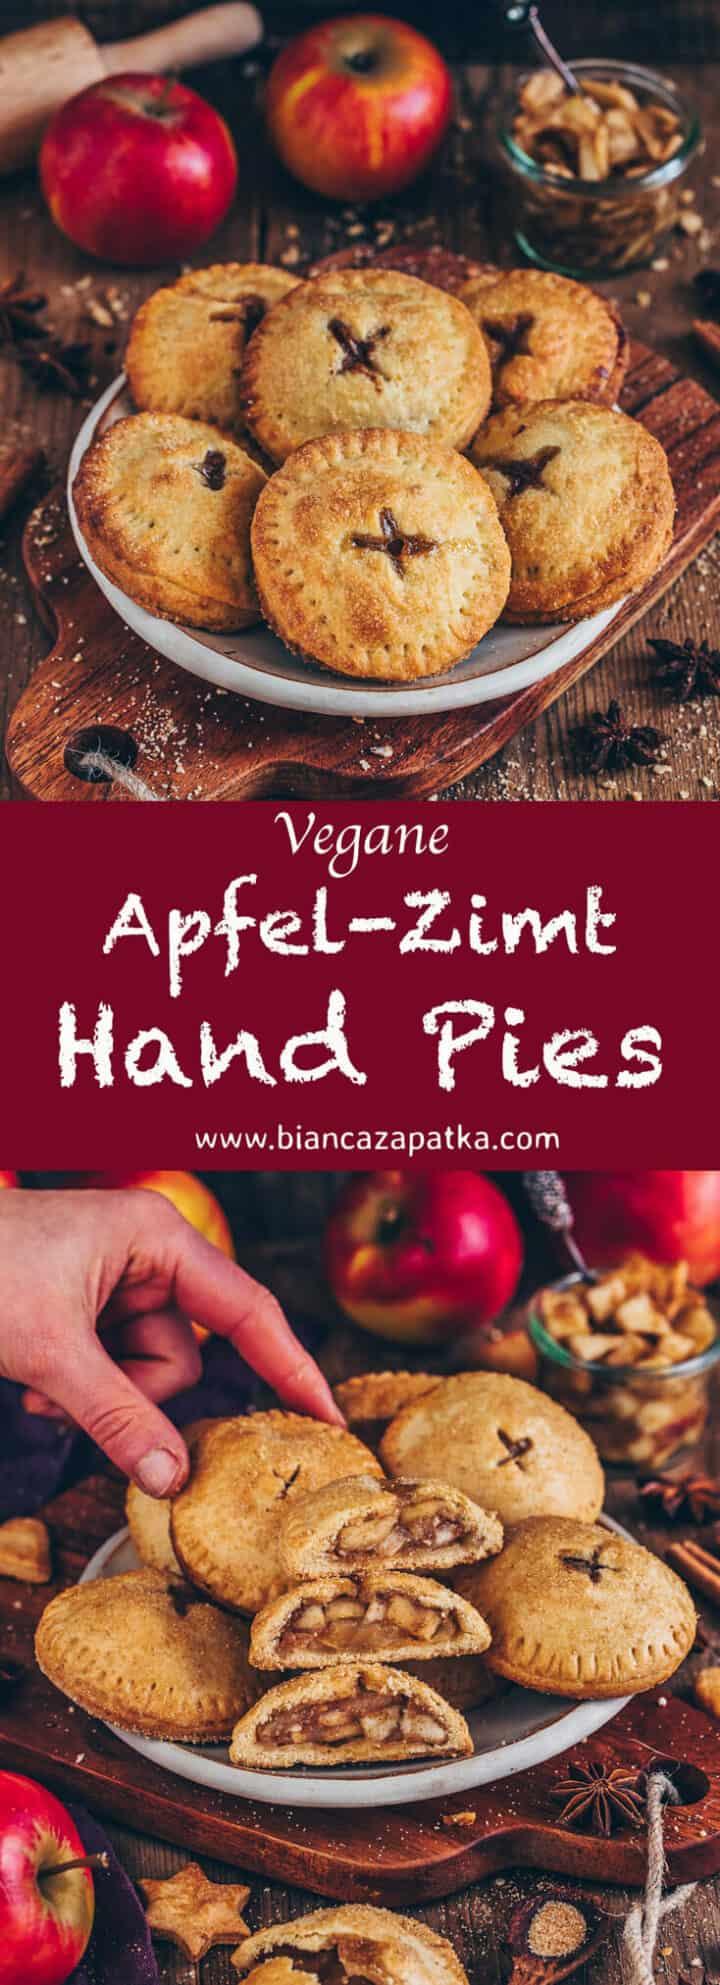 Apfel Hand Pies sind kleine Apfelkuchen mit einer leckeren Apfel Zimt Fuellung. Das Rezept ist vegan, einfach.